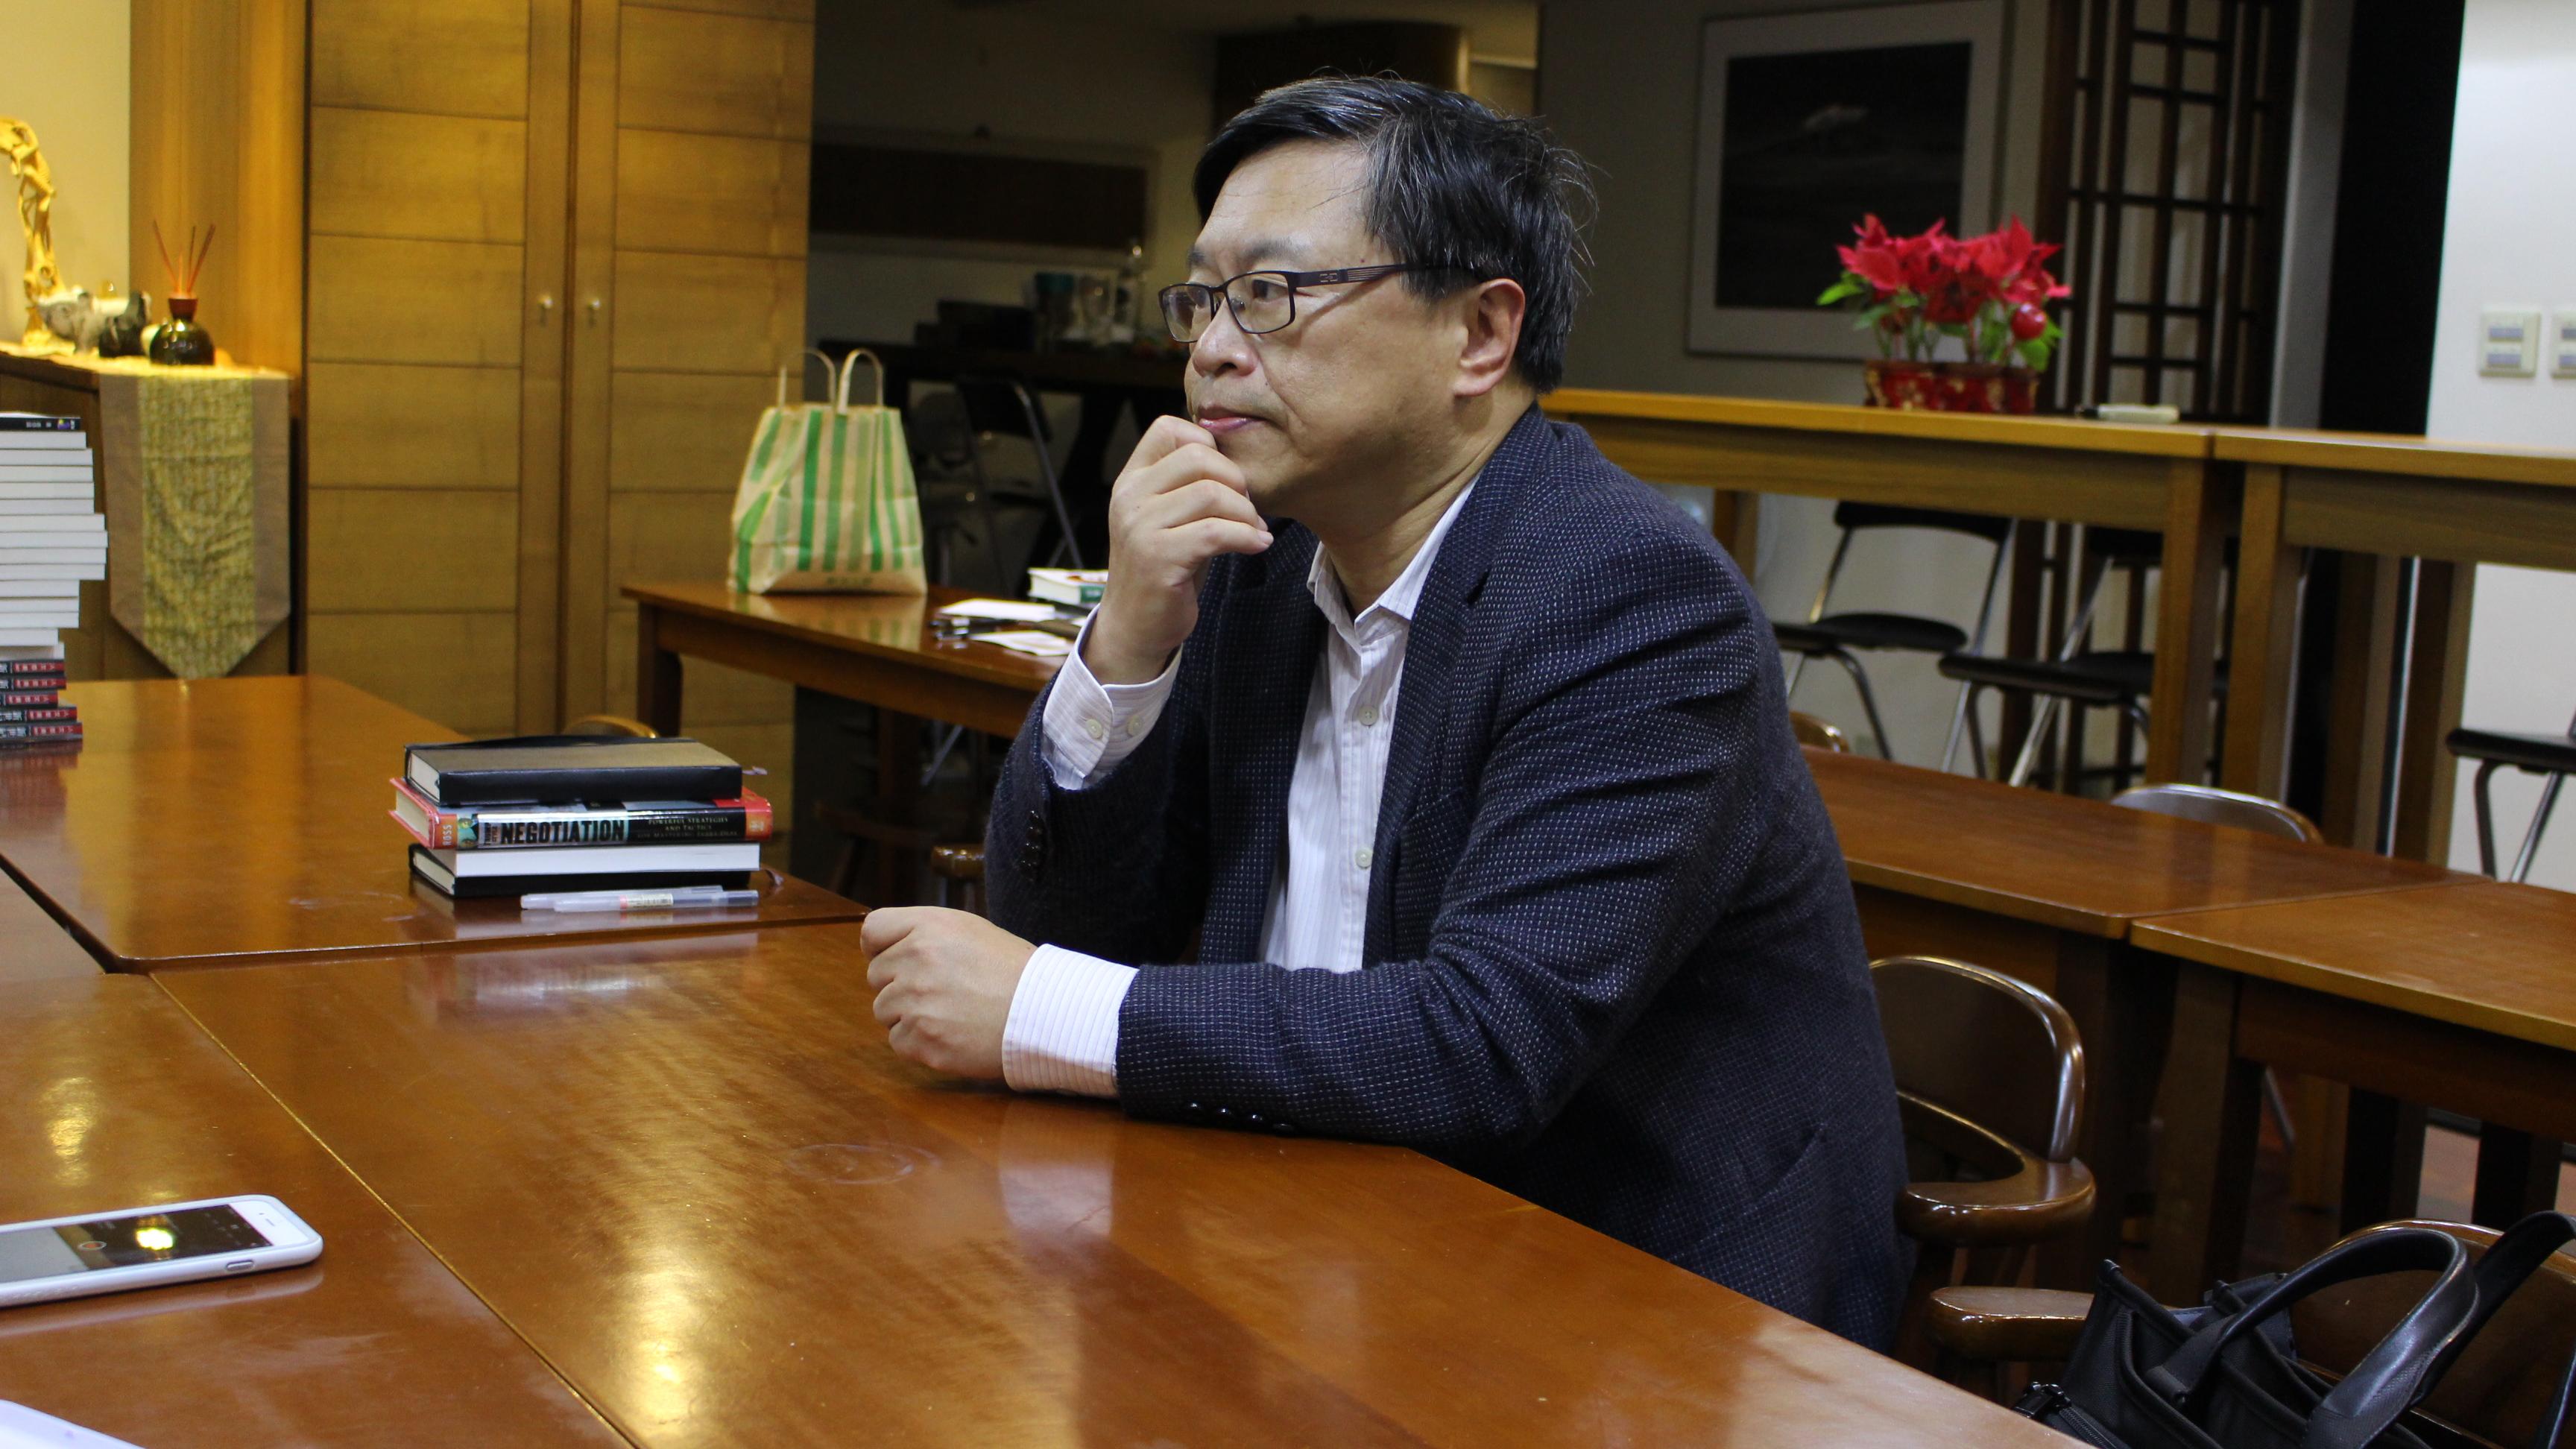 ▲東吳大學政治系劉必榮教授淺談台灣國際新聞現況及過去至今所觀察的演變。